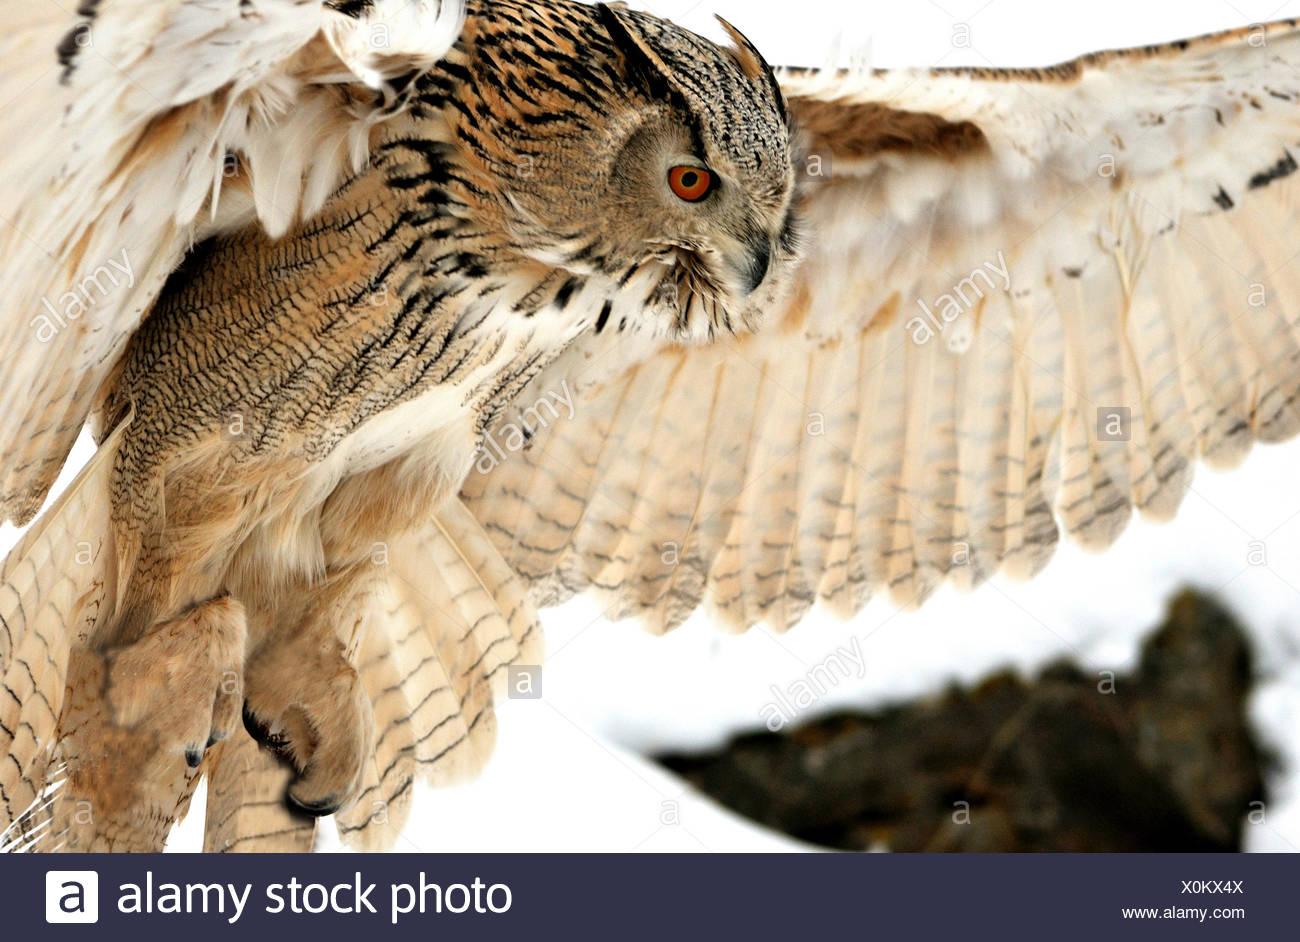 Il gufo gufi Siberian owl Bubo bubo sibiricus gufi-come la notte gli uccelli rapaci uccelli bird raptor animali animali Germania Europa, Immagini Stock